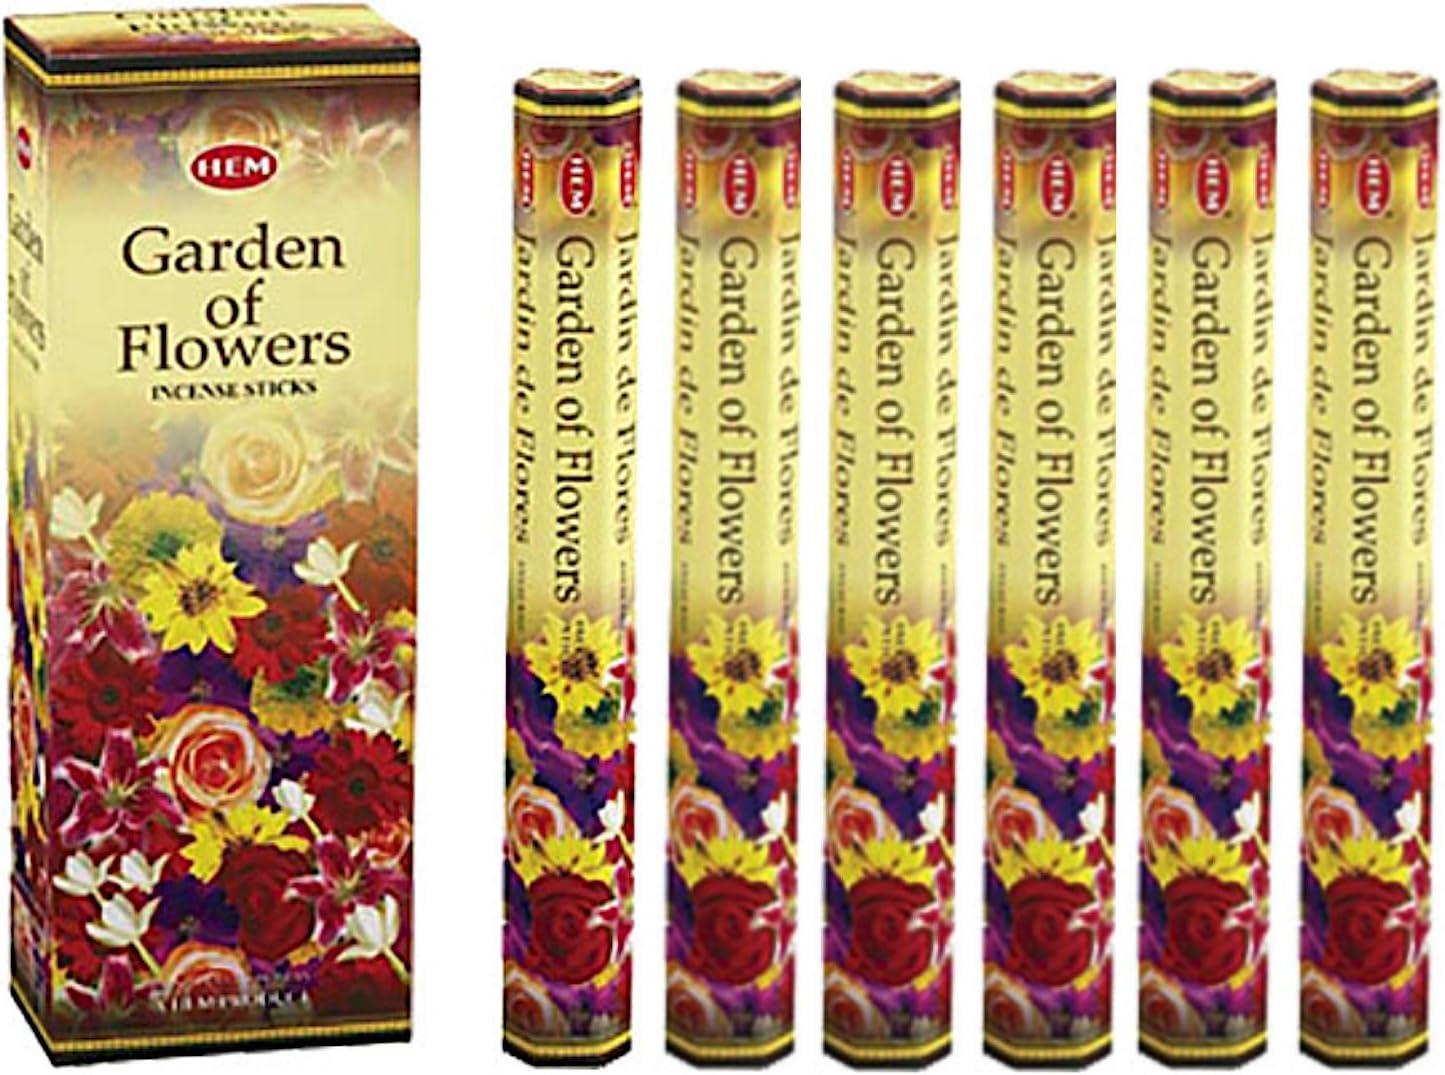 Hem 6 Pack 20 Gram Jardín de Flores – Caja de Six 20 Varilla Hex Tubos – Dobladillo Incienso Enrollado A Mano En India: Amazon.es: Salud y cuidado personal